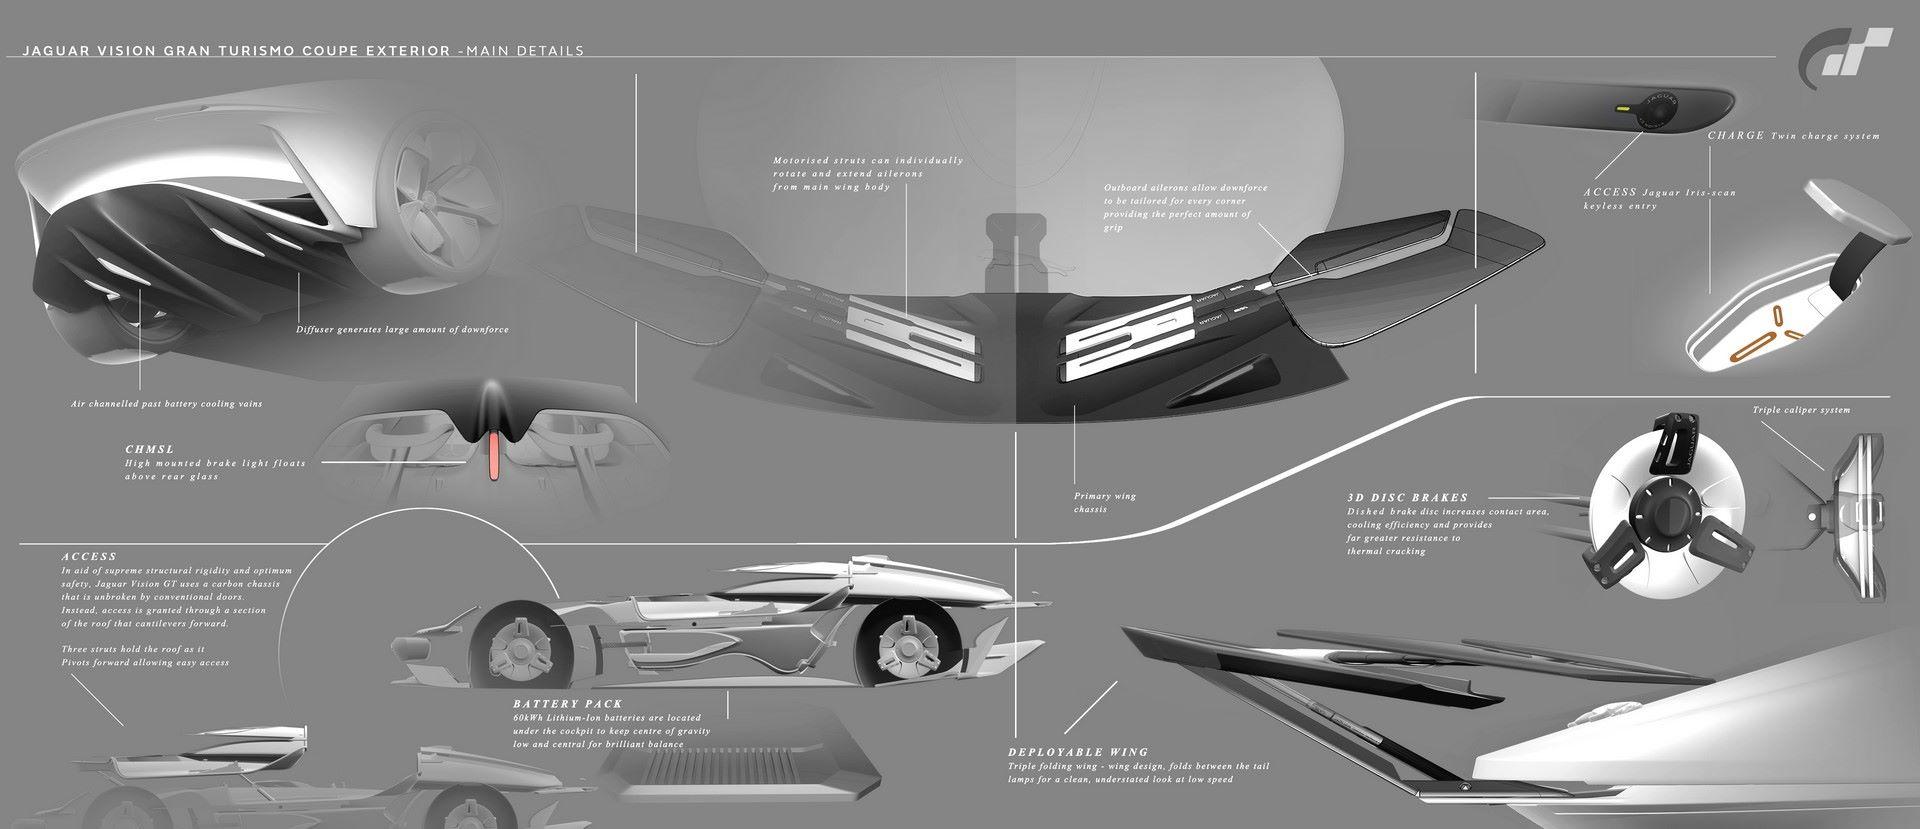 Jaguar-Vision-Gran-Turismo-26